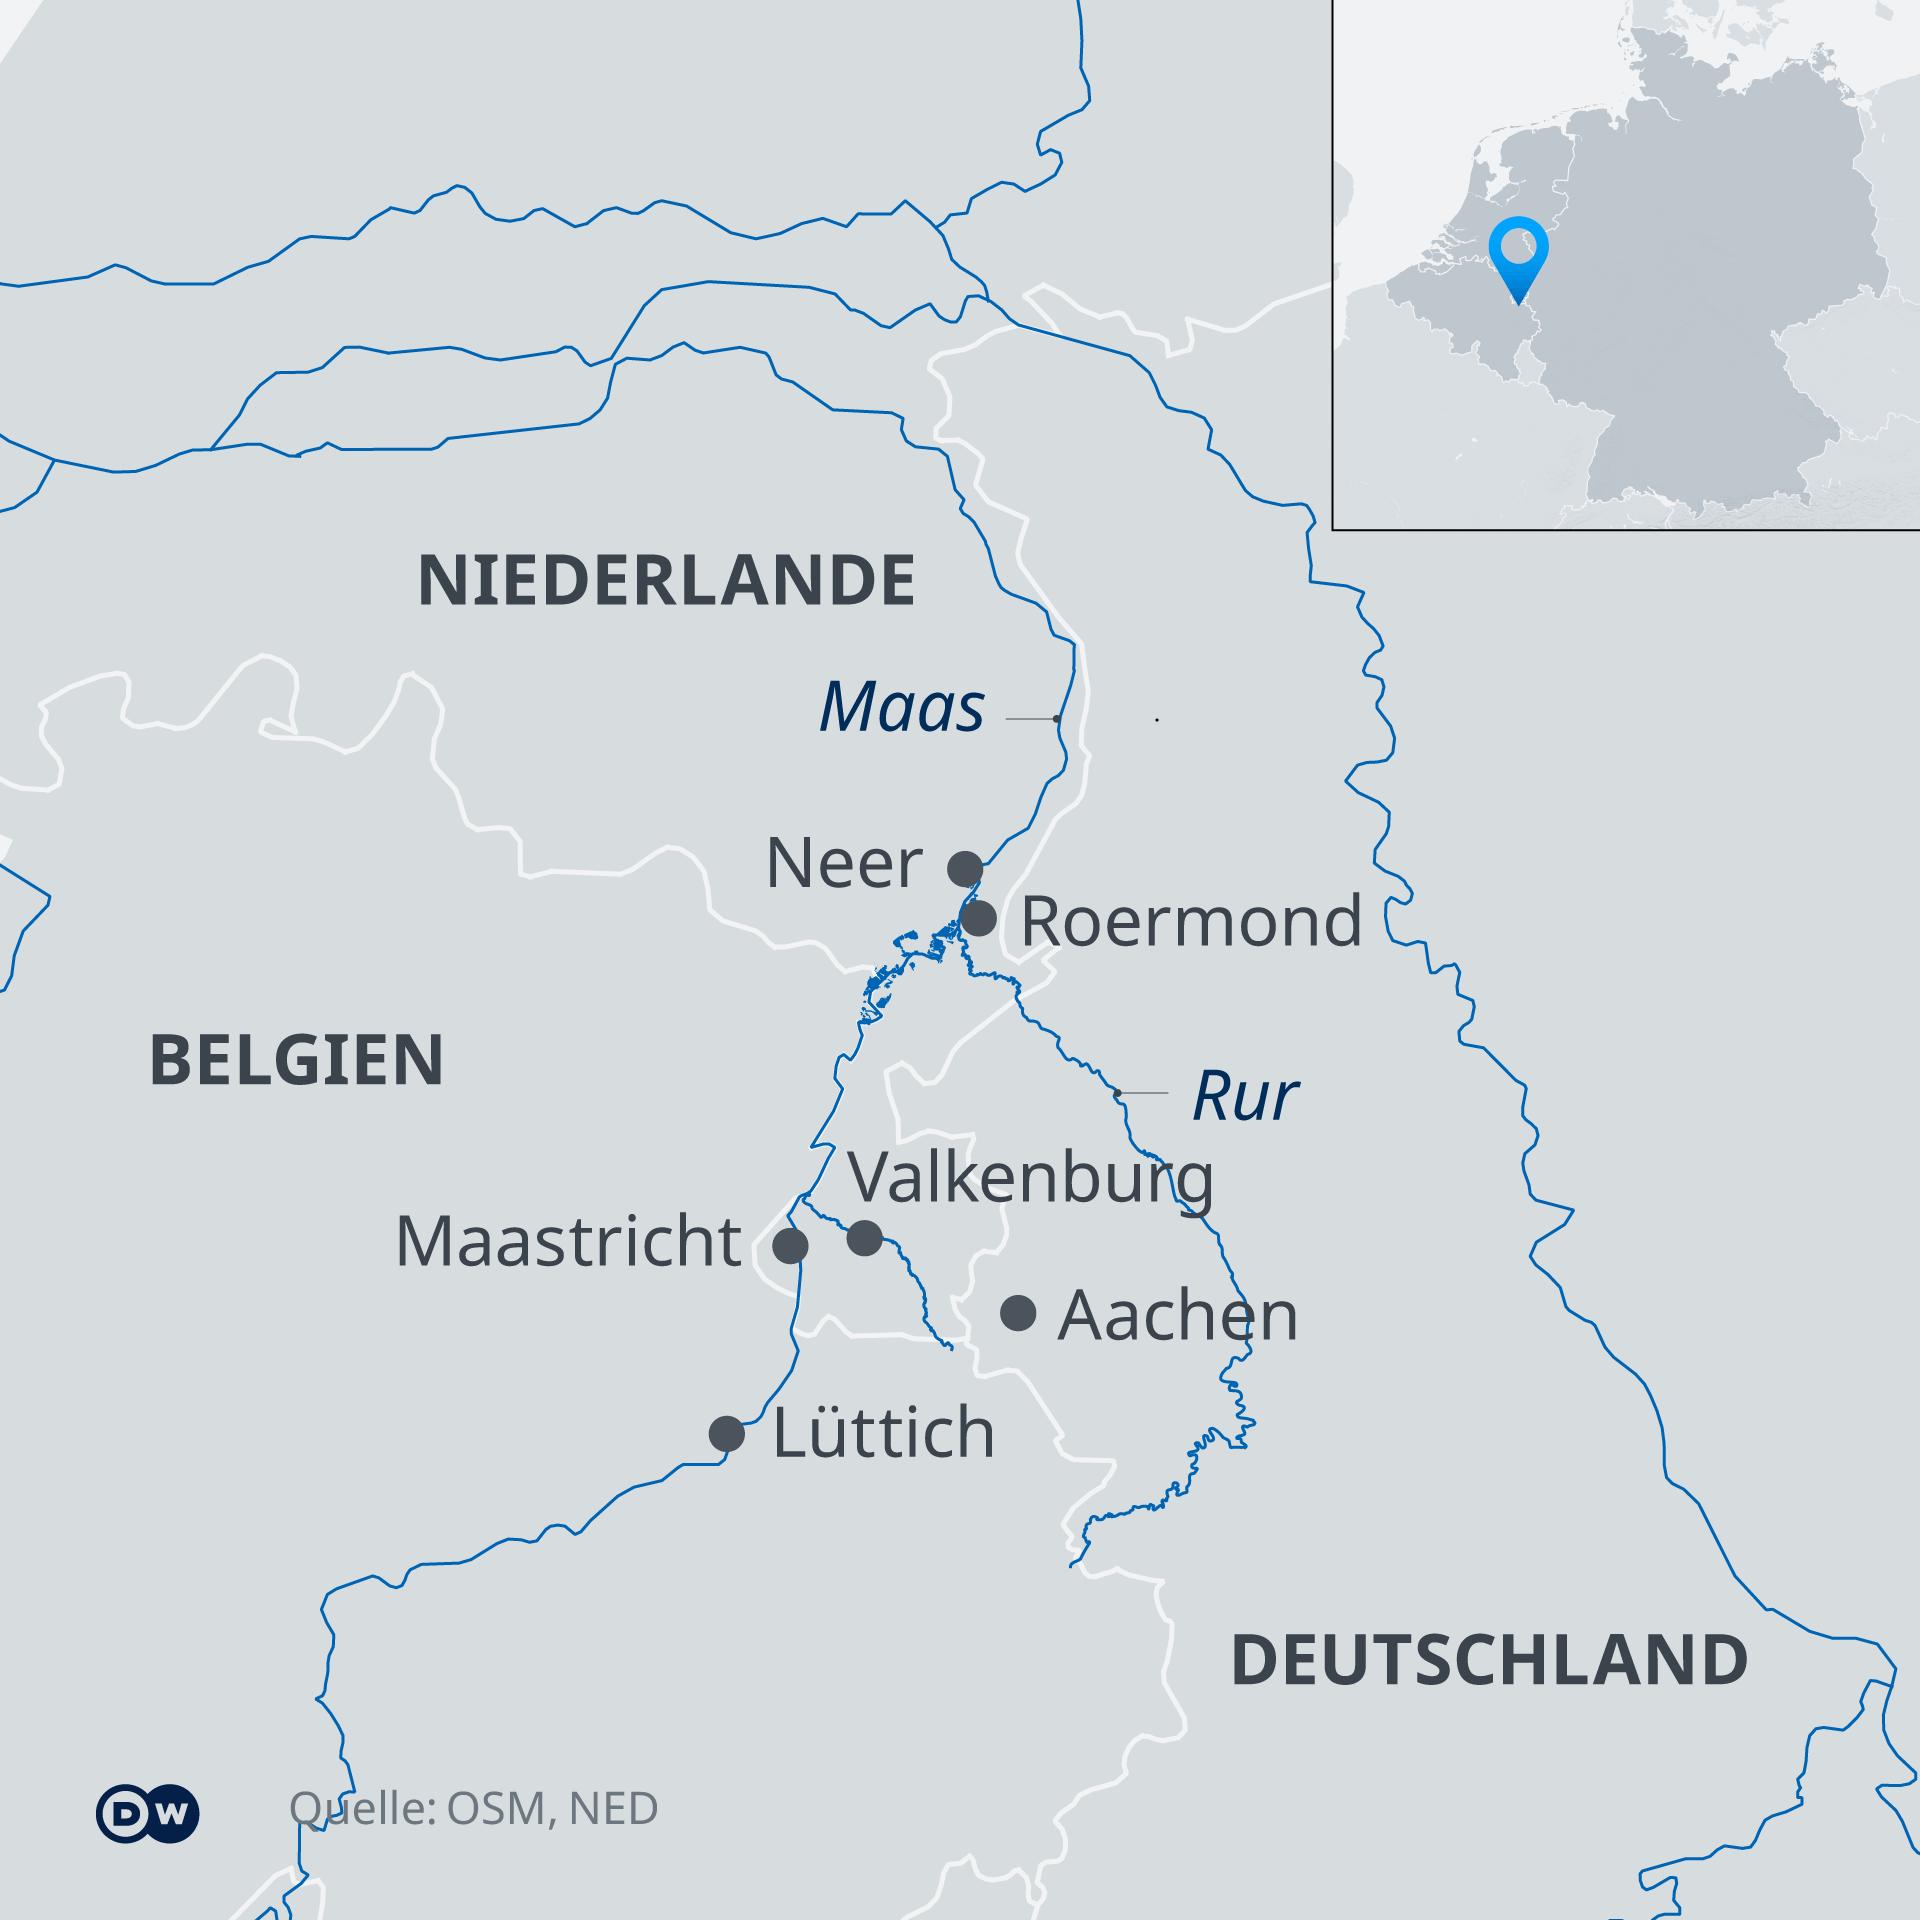 Karte - Hochwasser im Dreiländereck Niederlande, Belgien, Deutschland - DE